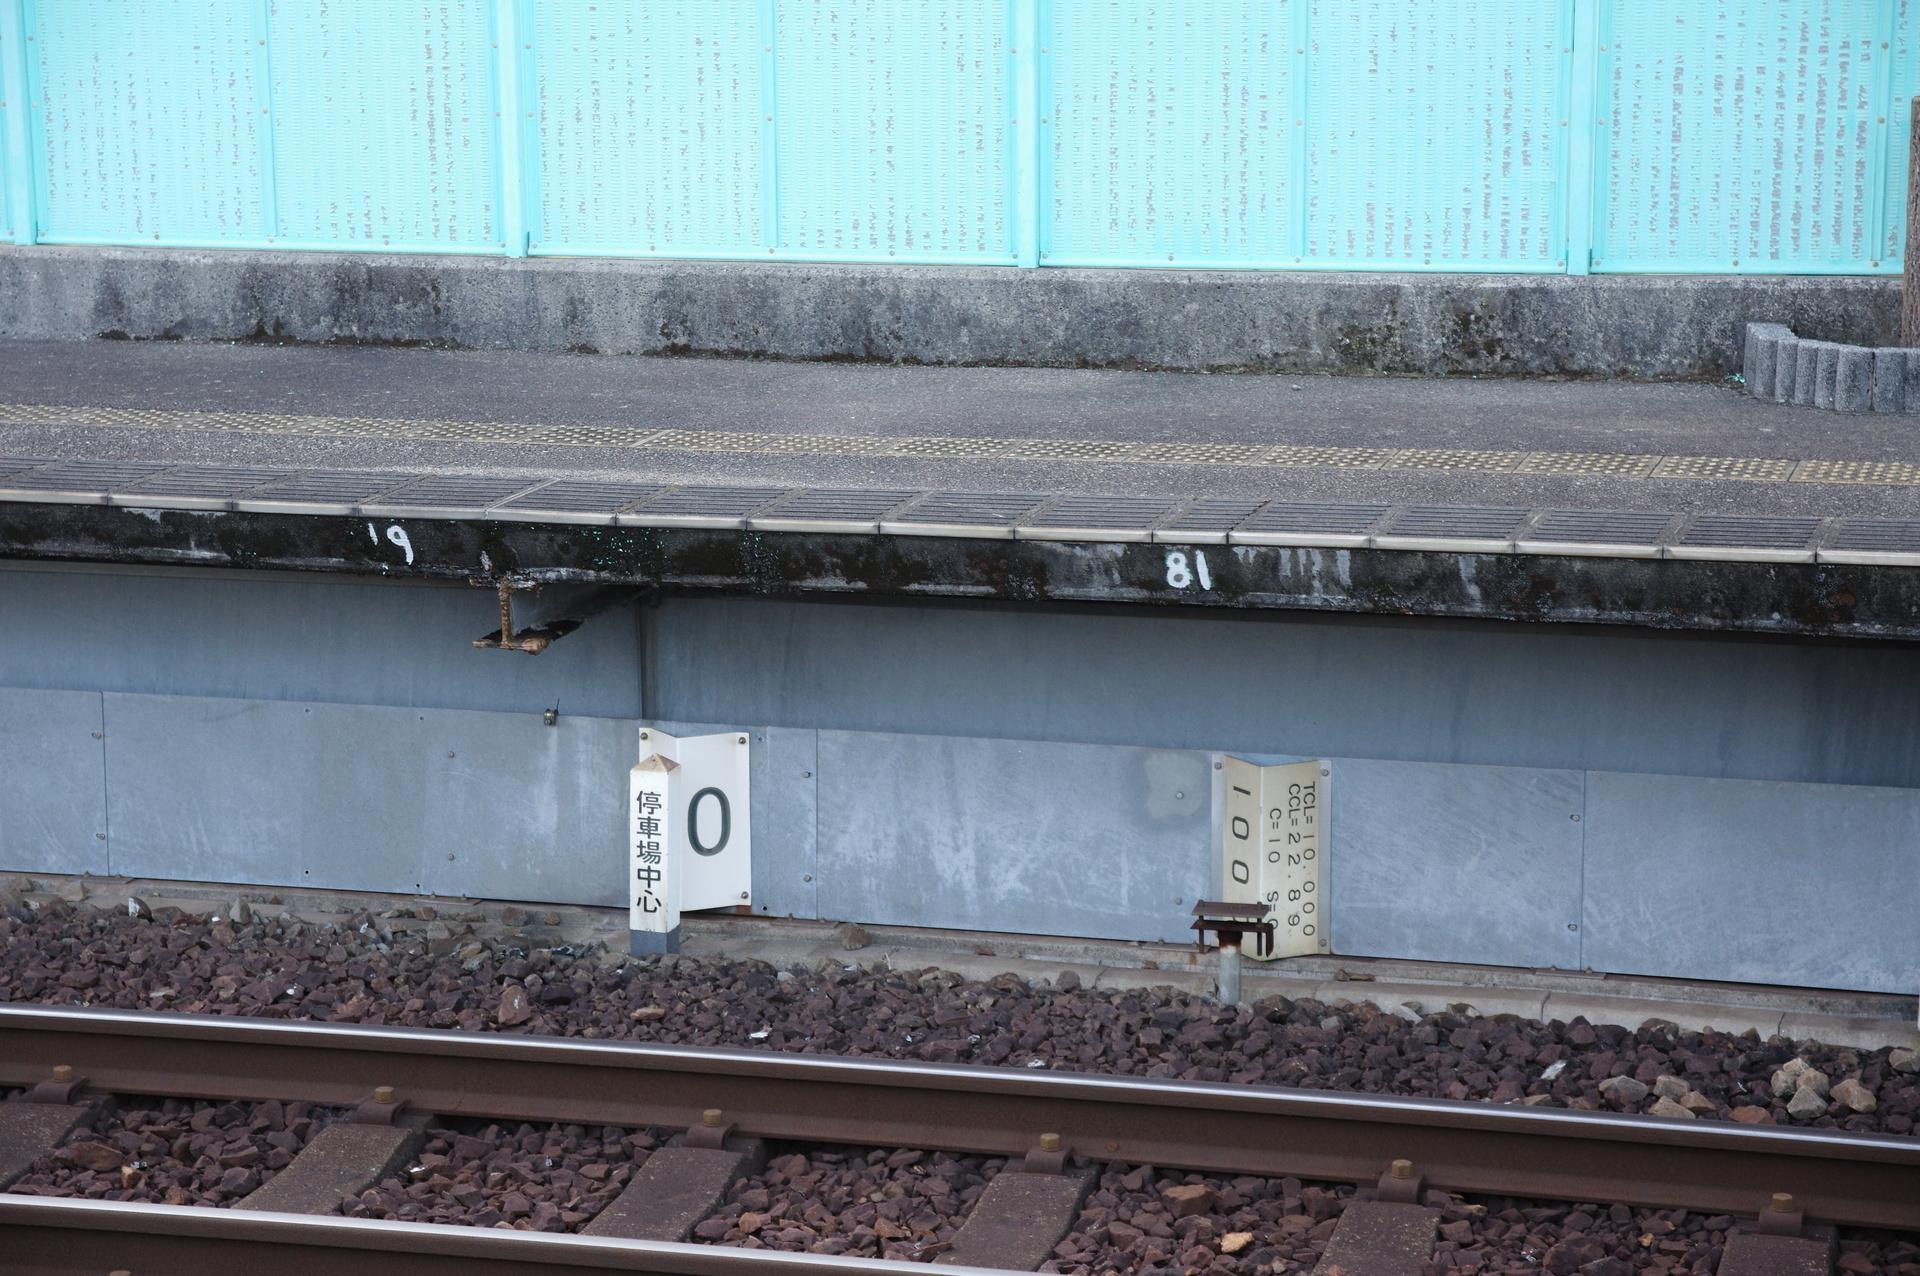 阿佐東線の0キロポスト